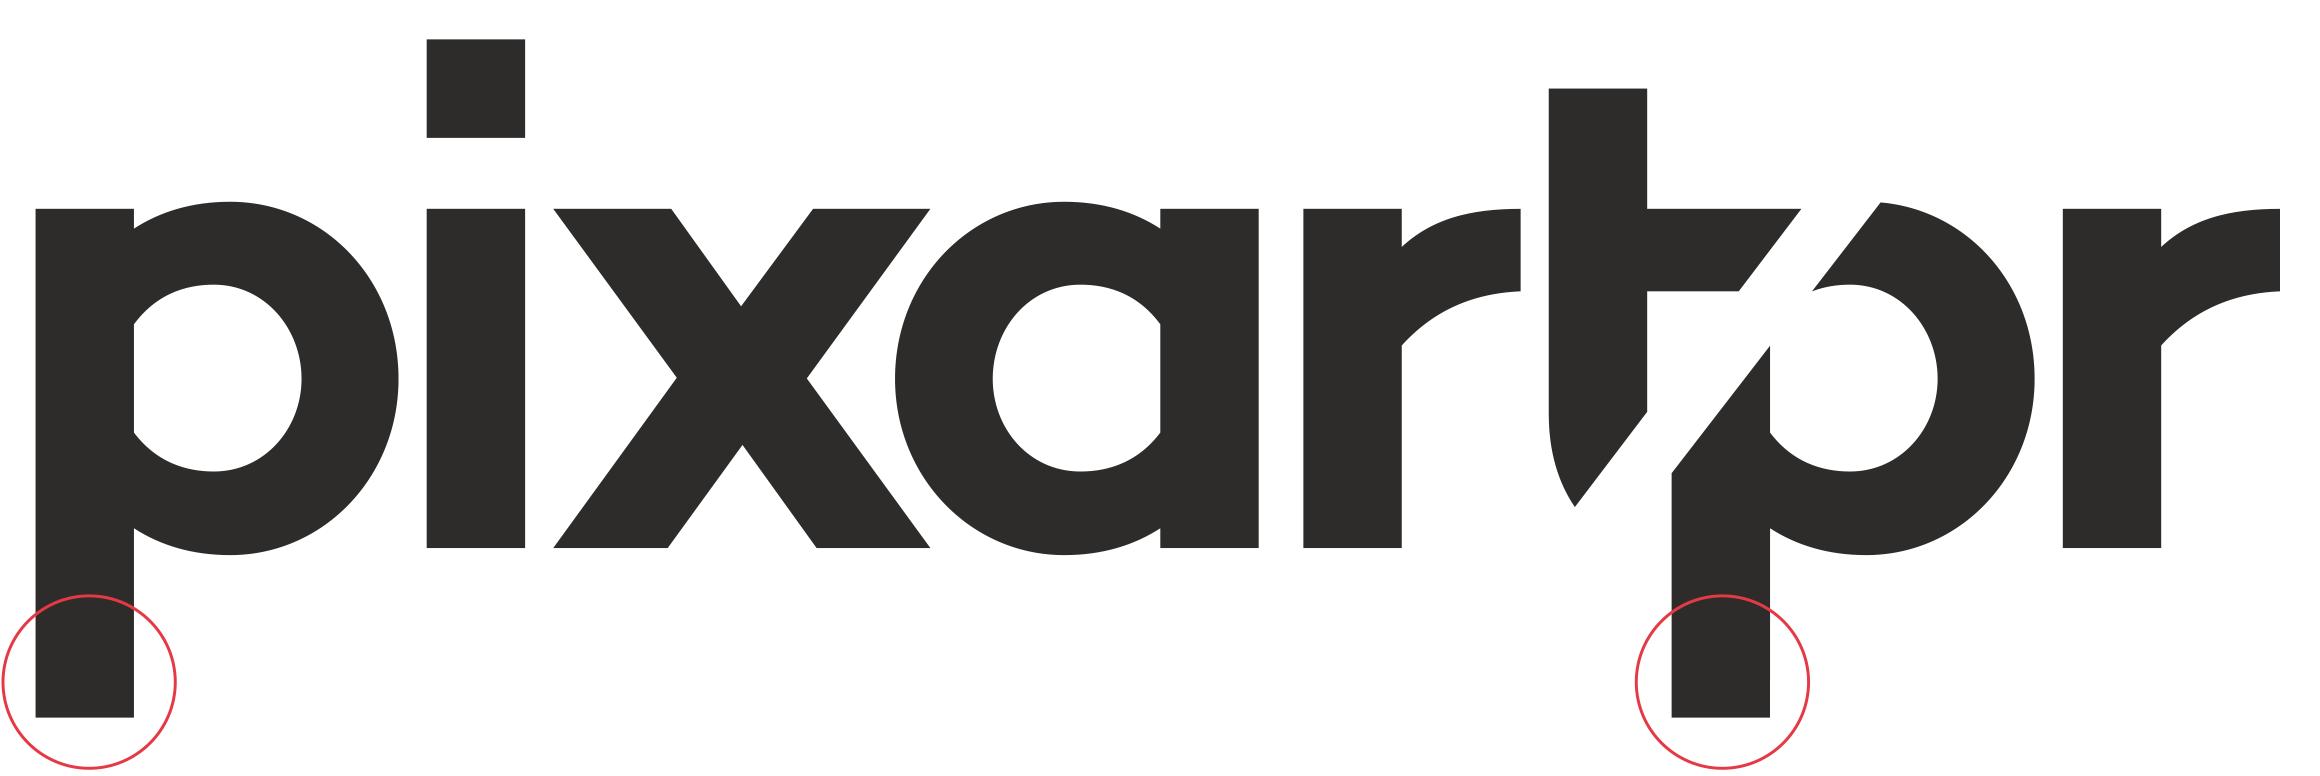 Wordmark de Pixartprinting con los cambios en las descendientes